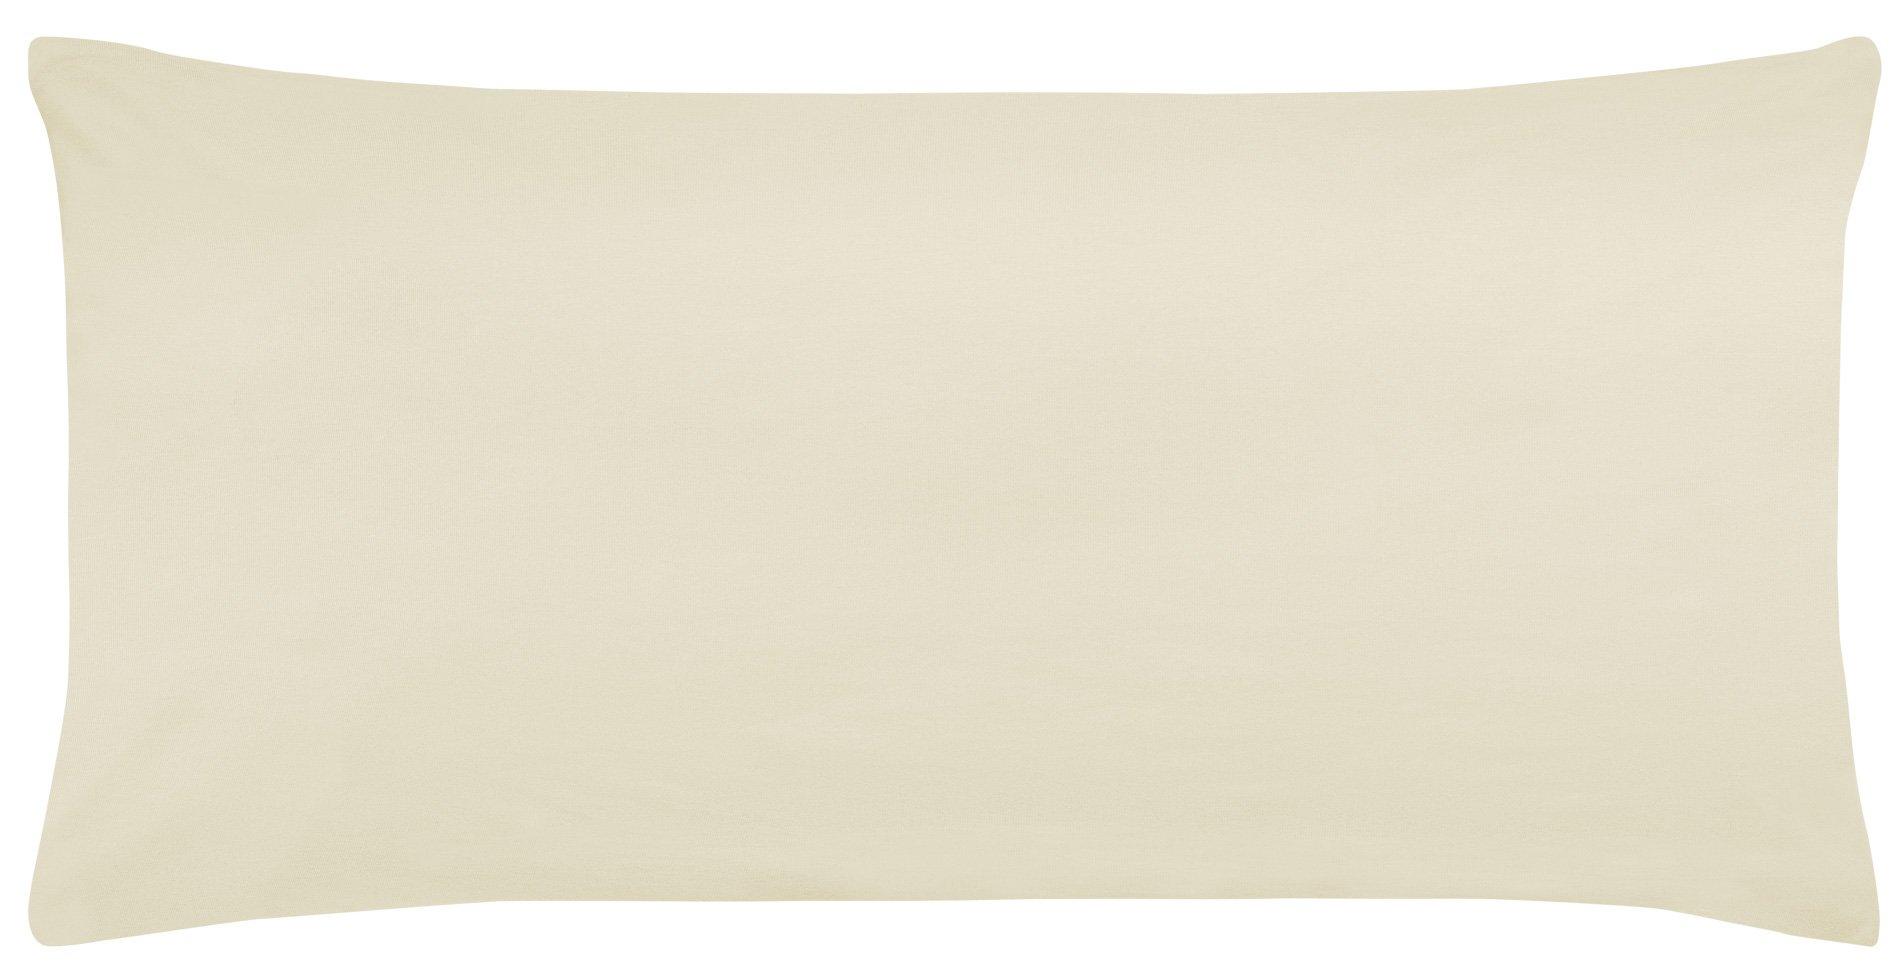 Edel-Zwirn-Jersey leinen B40cm